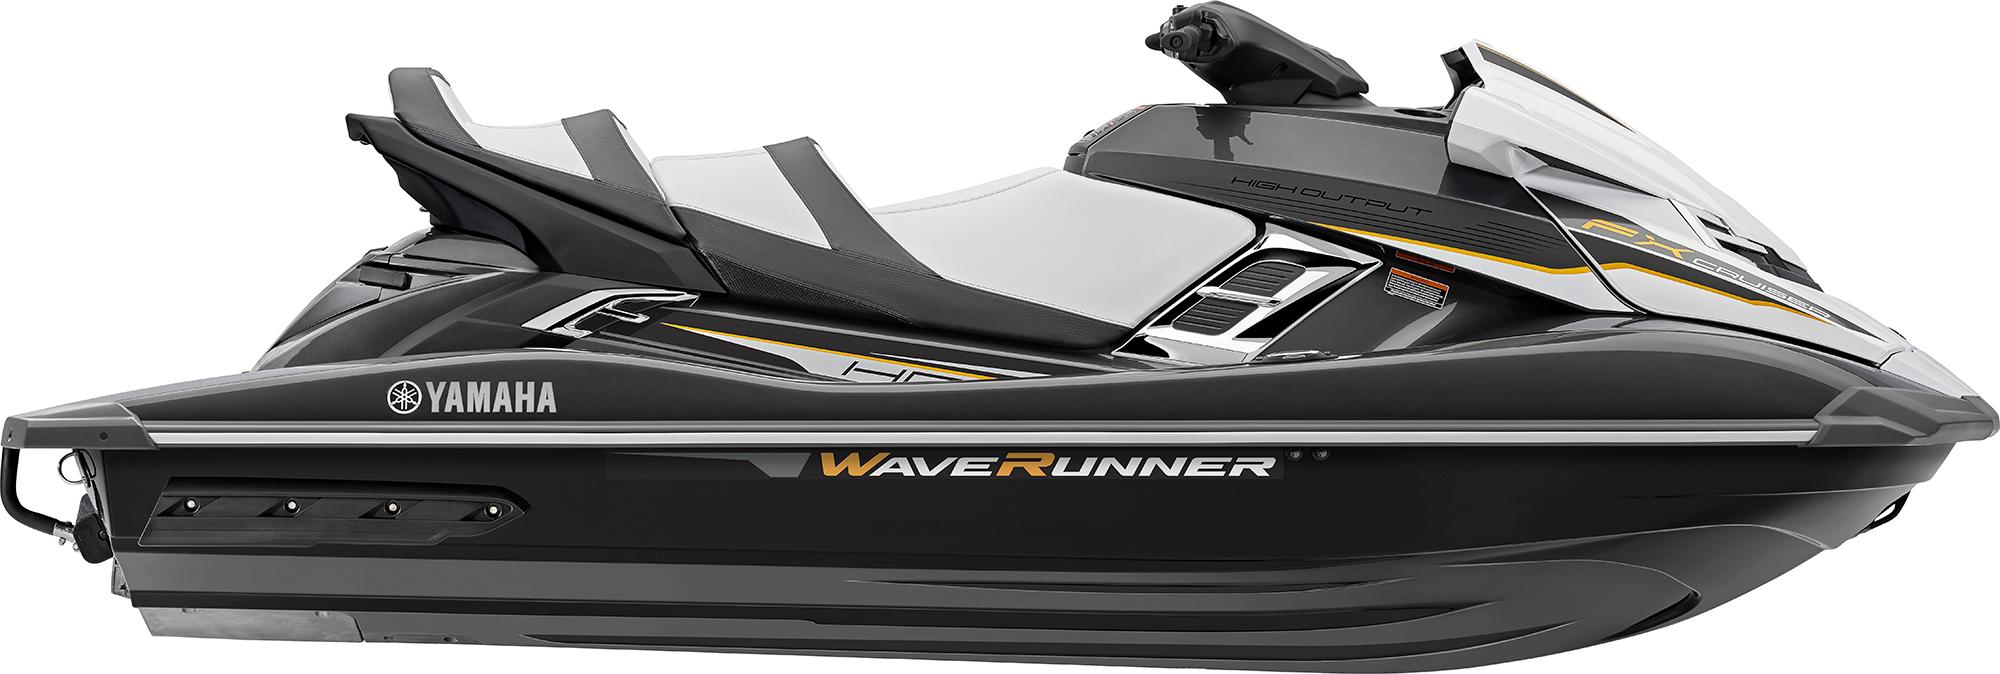 Yamaha Waverunner Fx Ho Oil